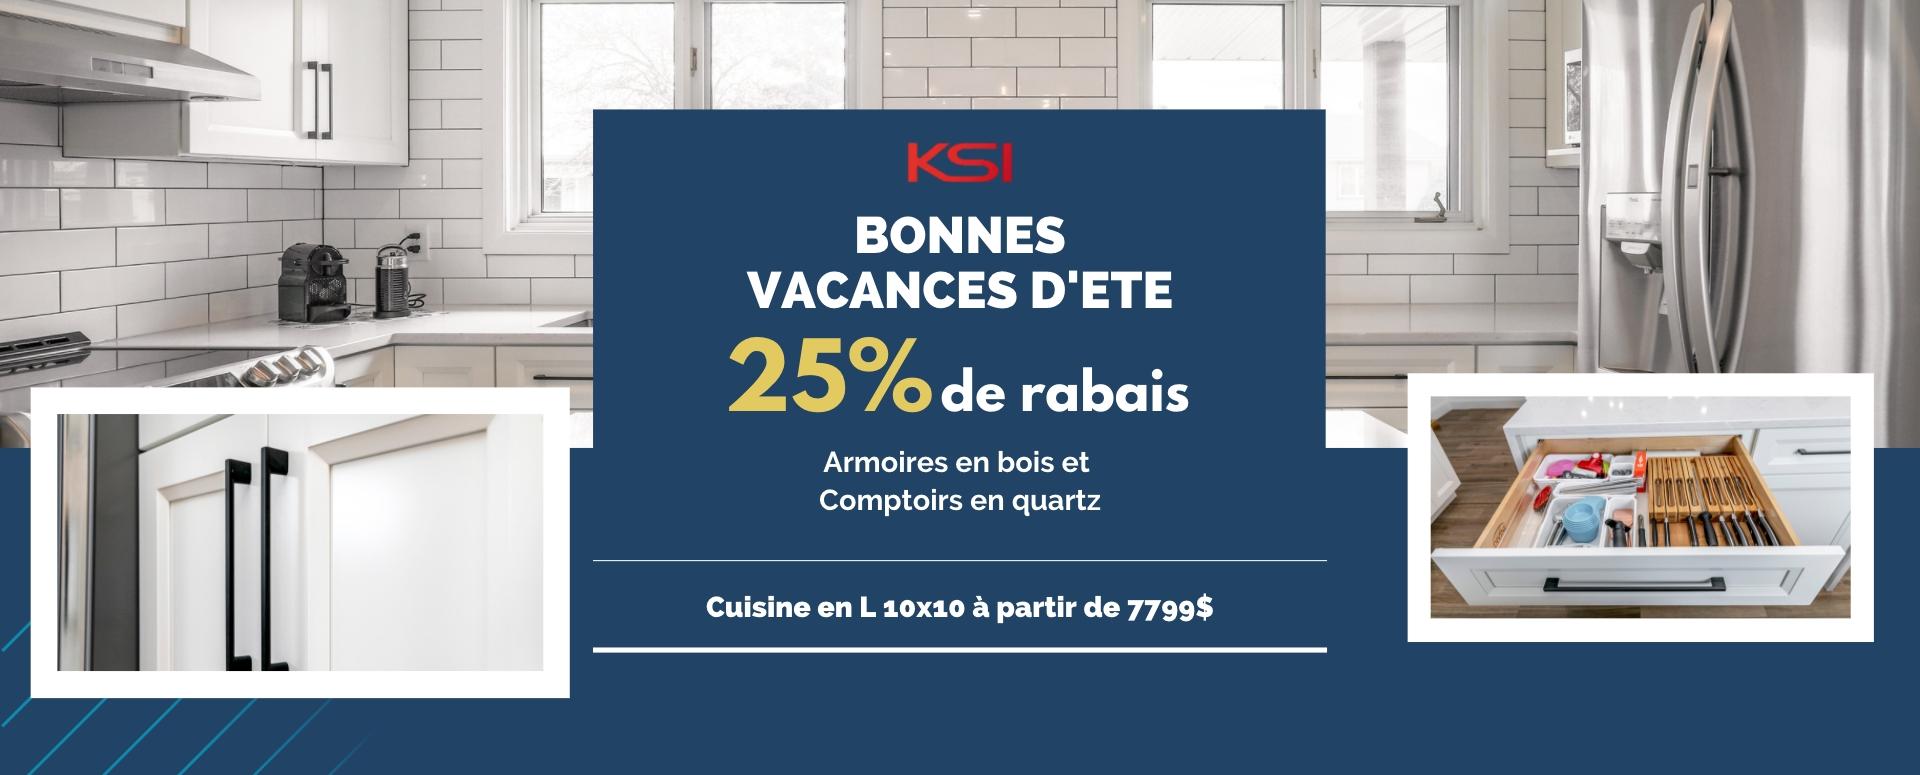 Armoir de cuisine vente du VACANCES D'ETE